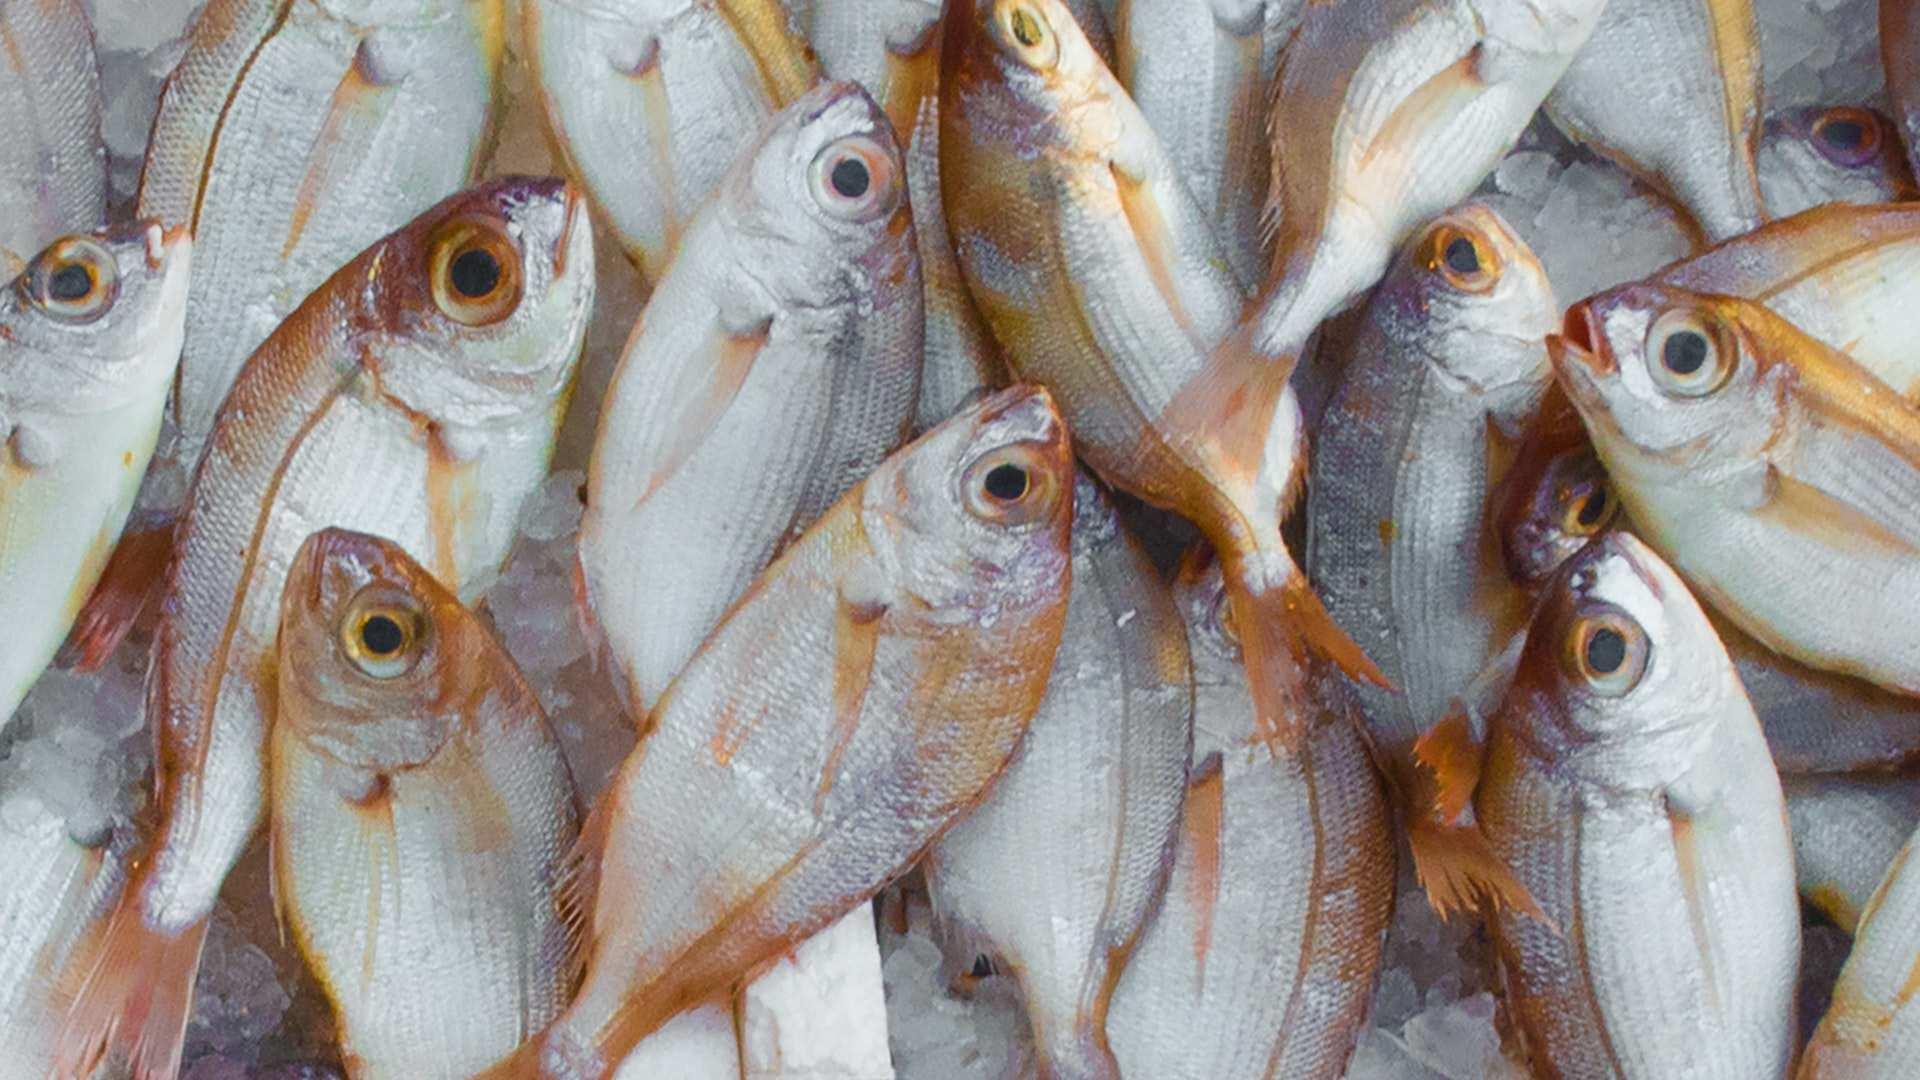 La OCU encuentra mercurio en pescados y mariscos